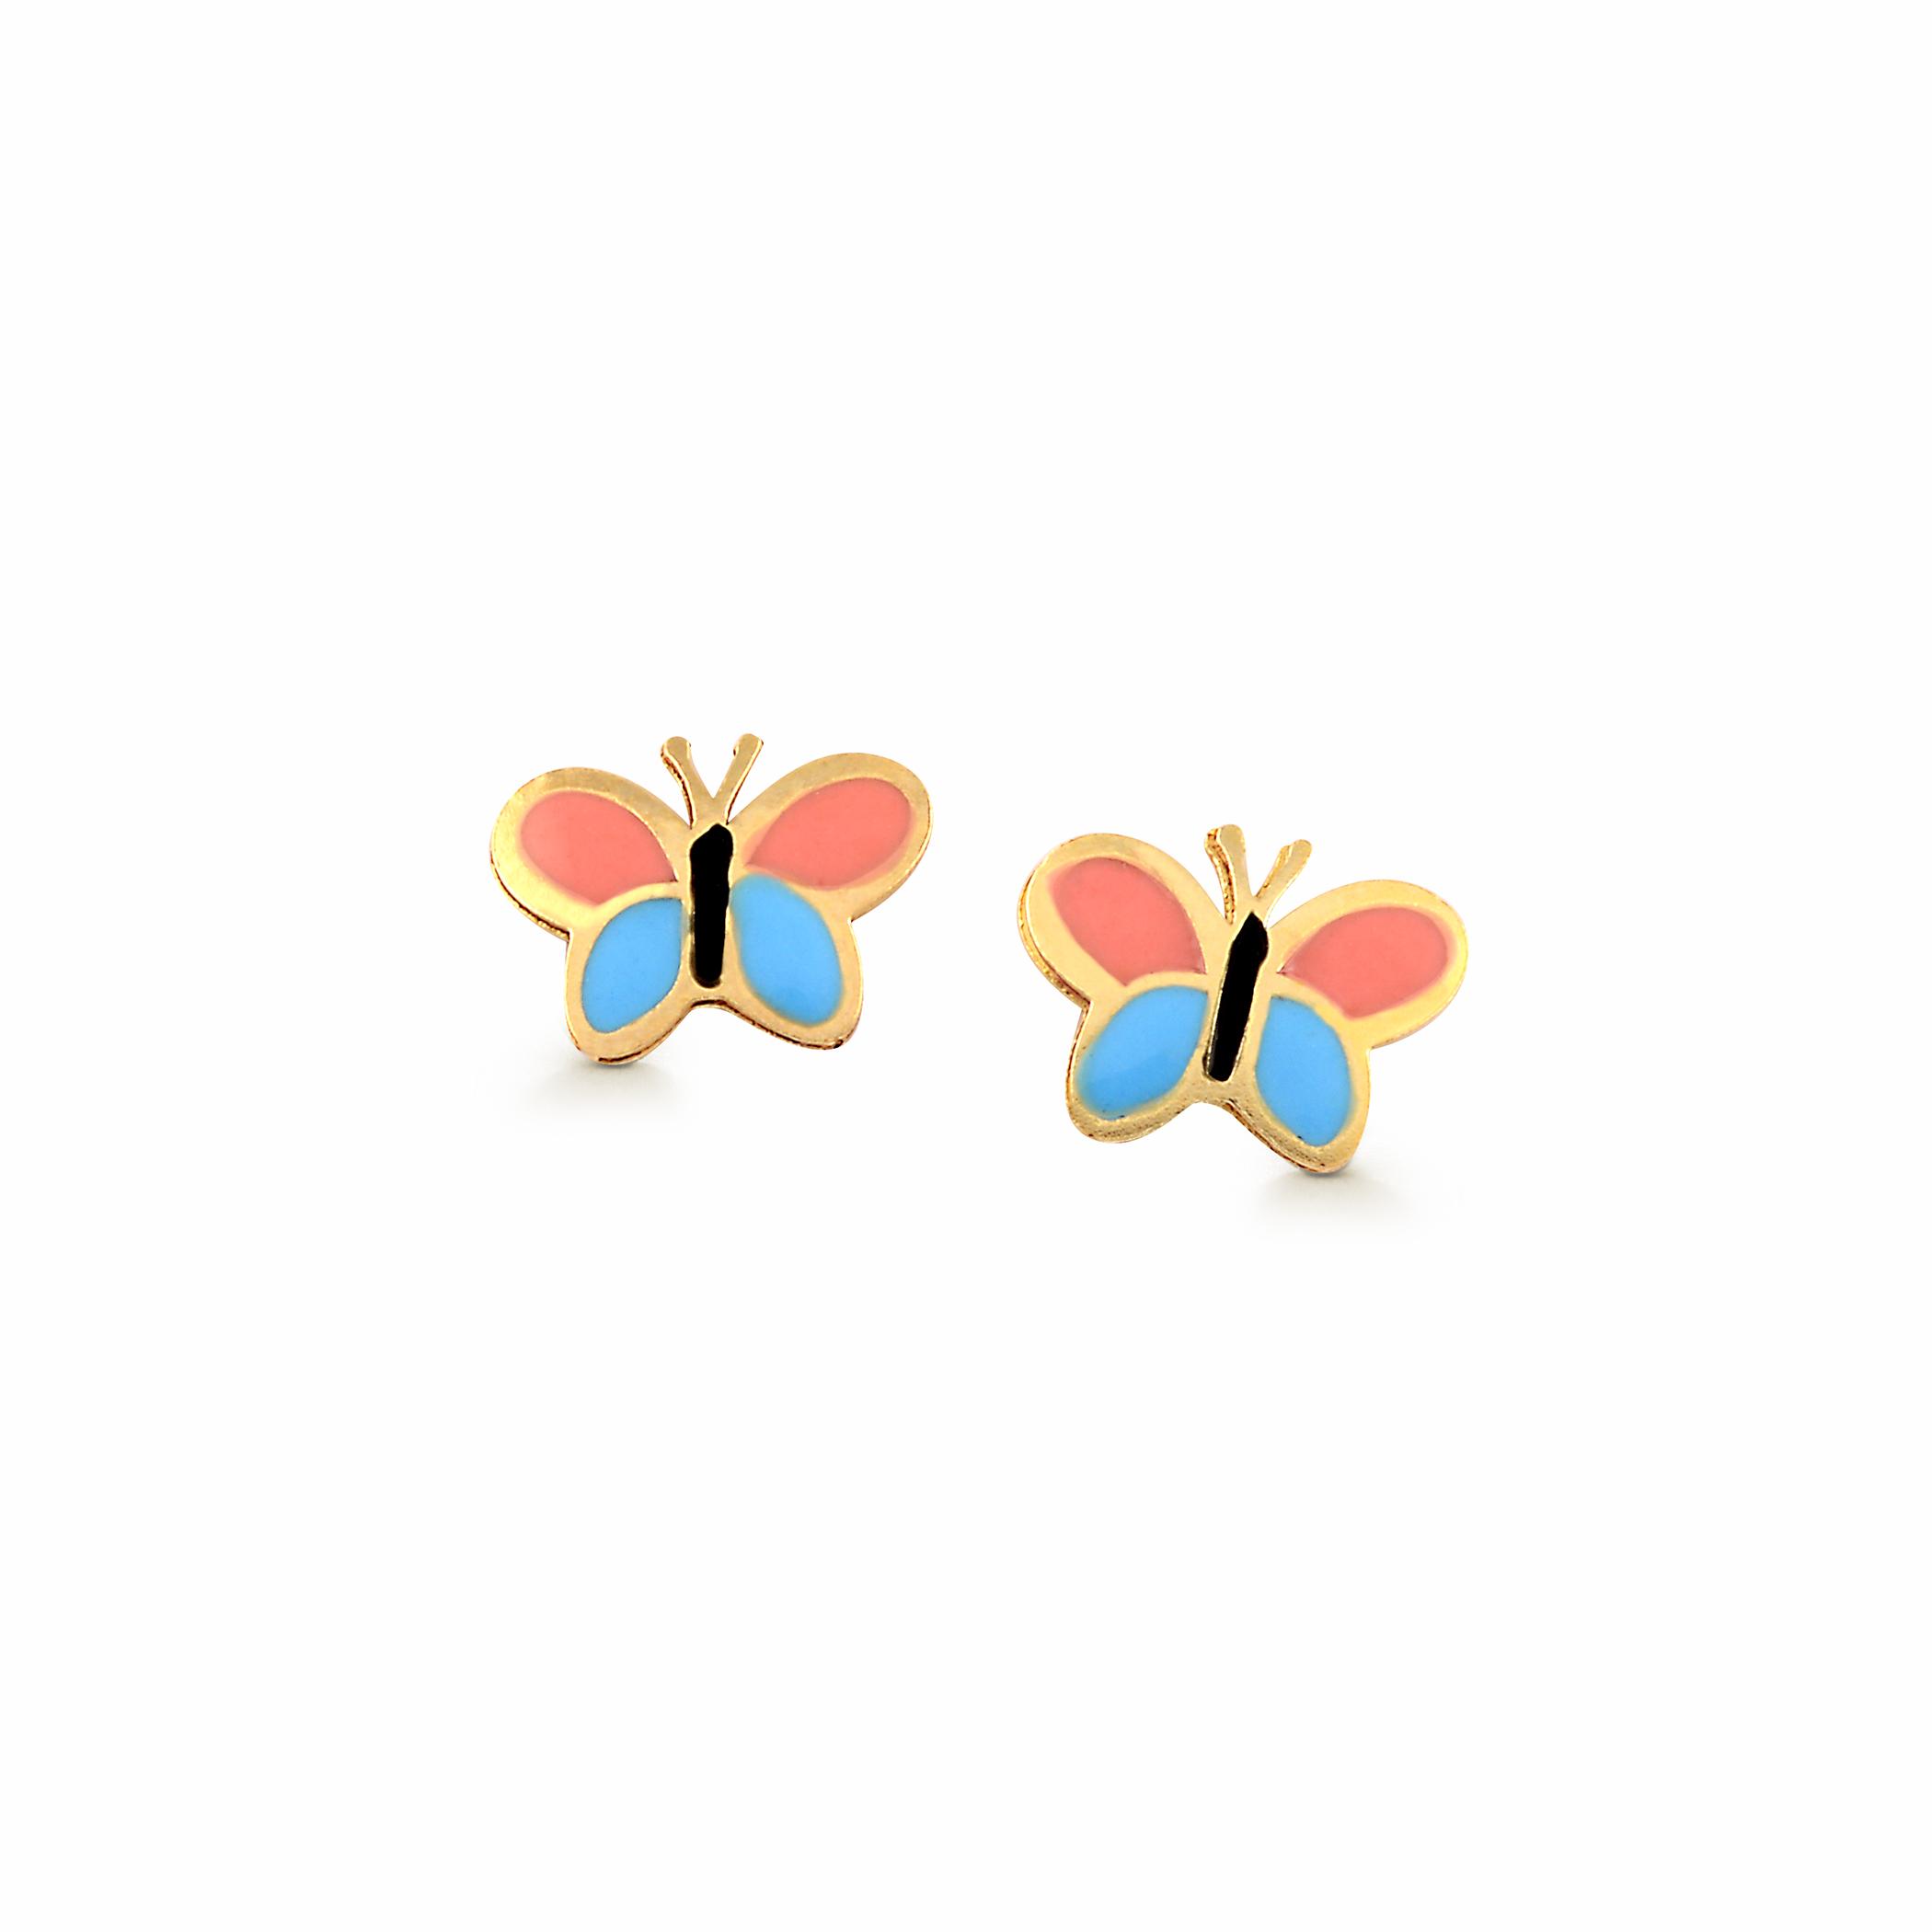 Butterfly enamel stud earrings for babies/children - 10K yellow Gold